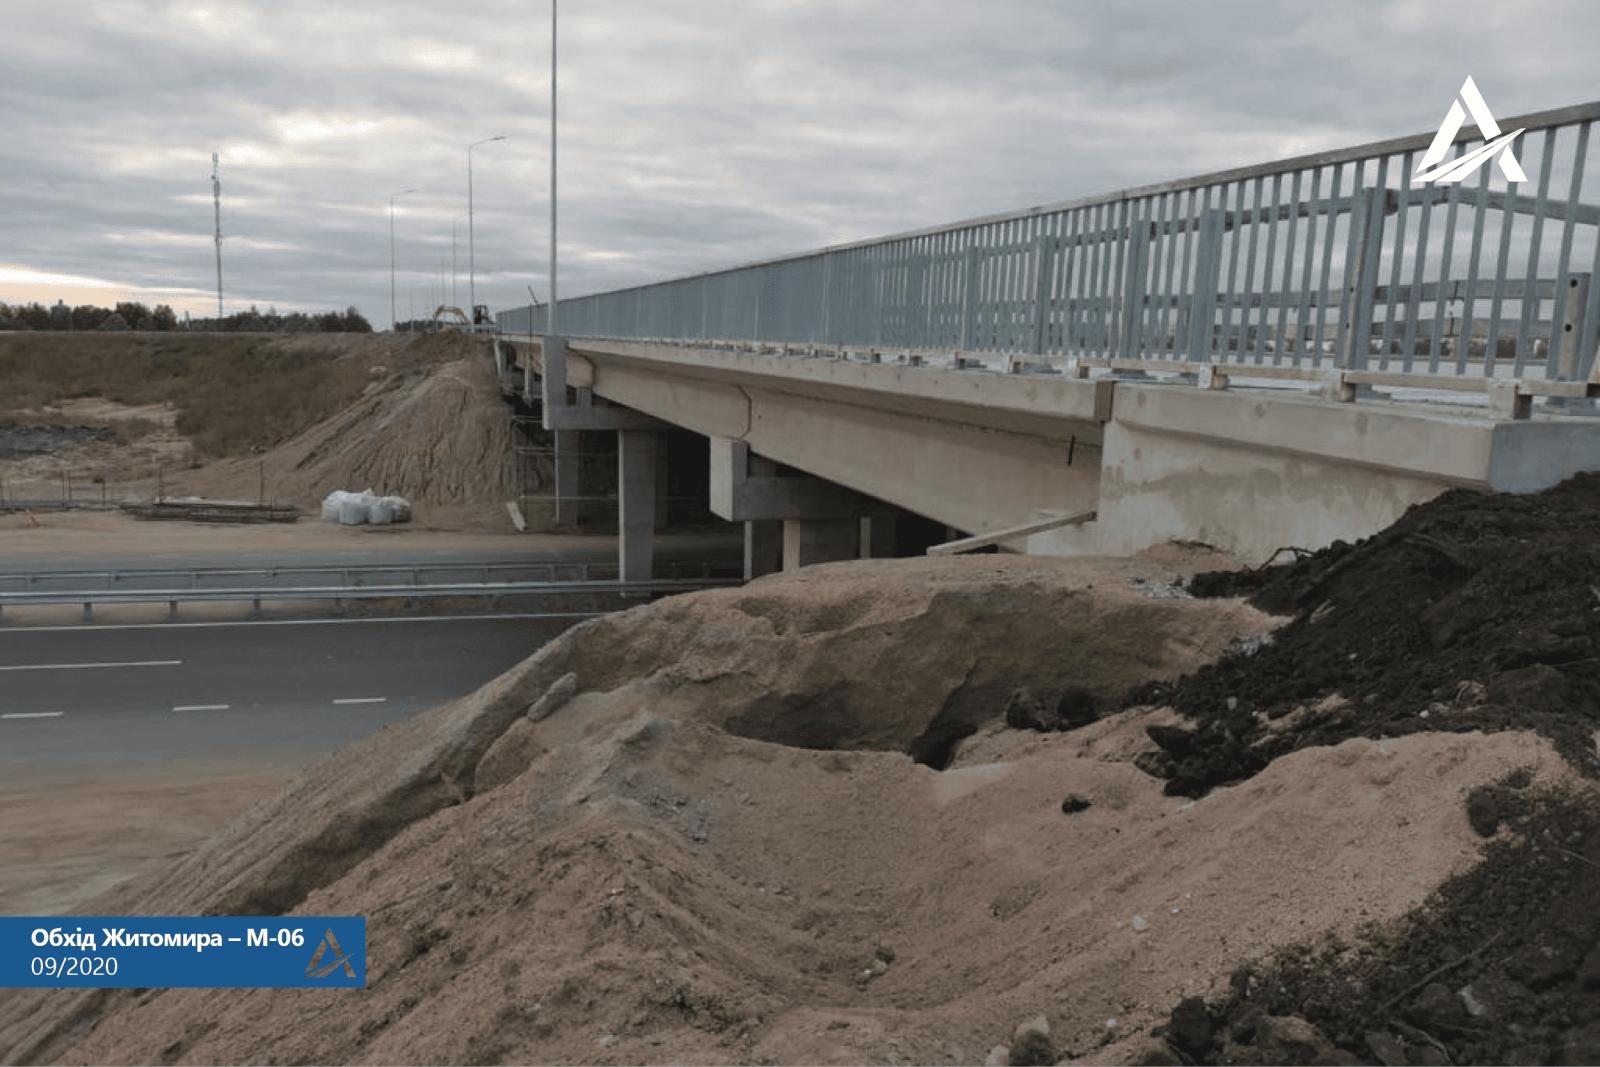 Укравтодор расторгает контракт с китайскими дорожниками, которые должны были построить обход вокруг Житомира